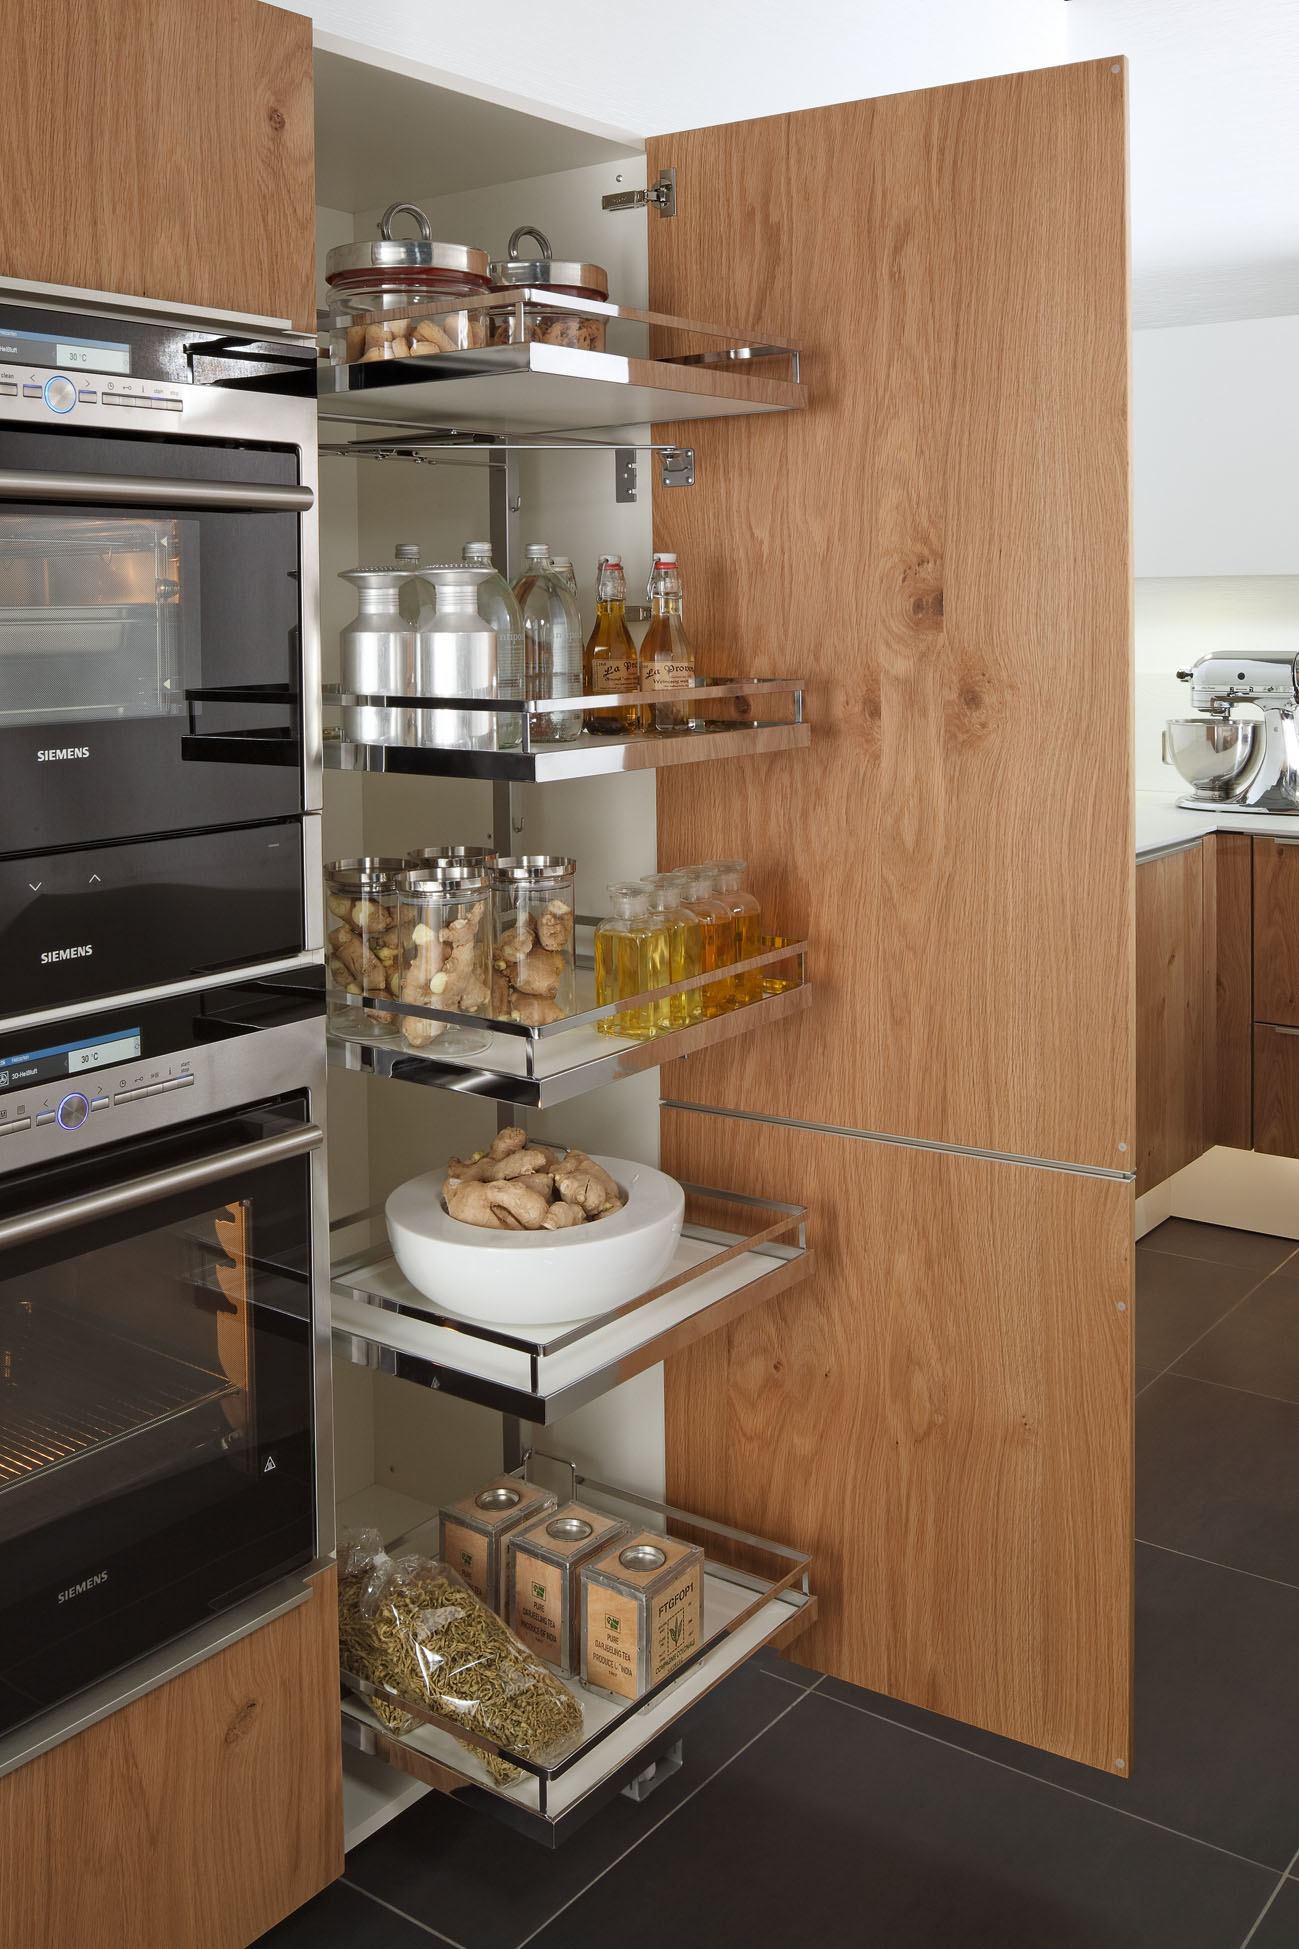 Keuken Carrousel Ikea : Keuken Ideeen